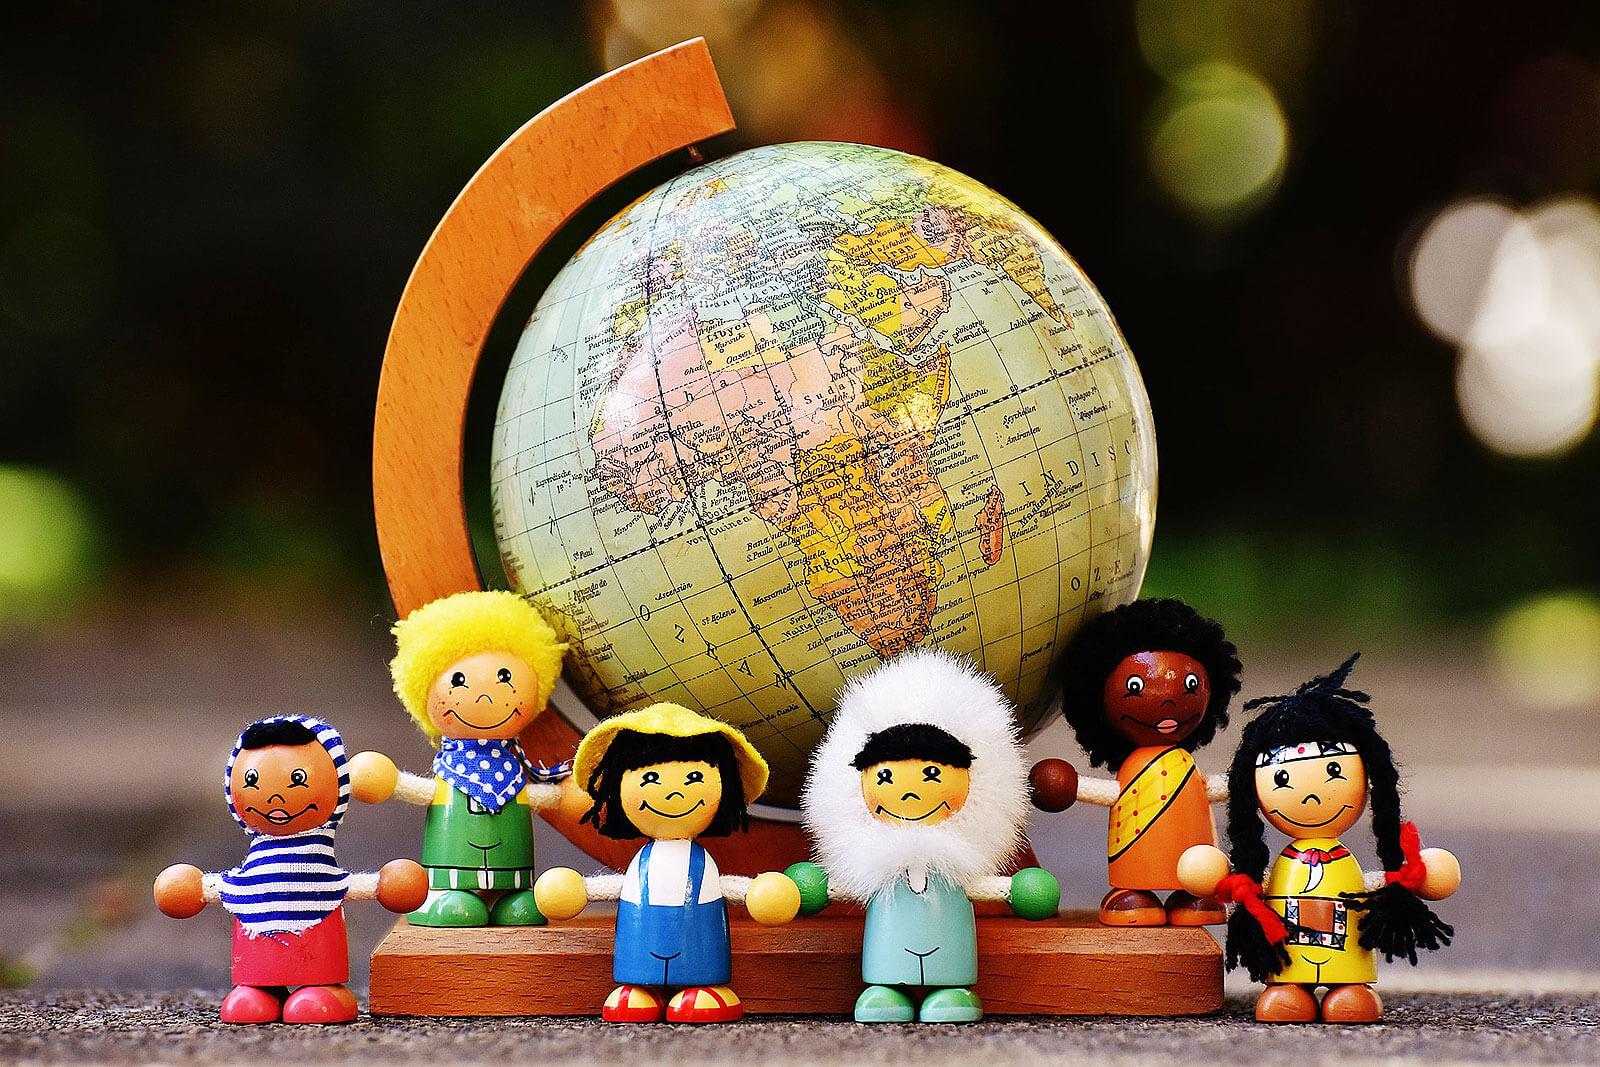 Bonecos de madeira, que simbolizam várias raças, junto a um globo.